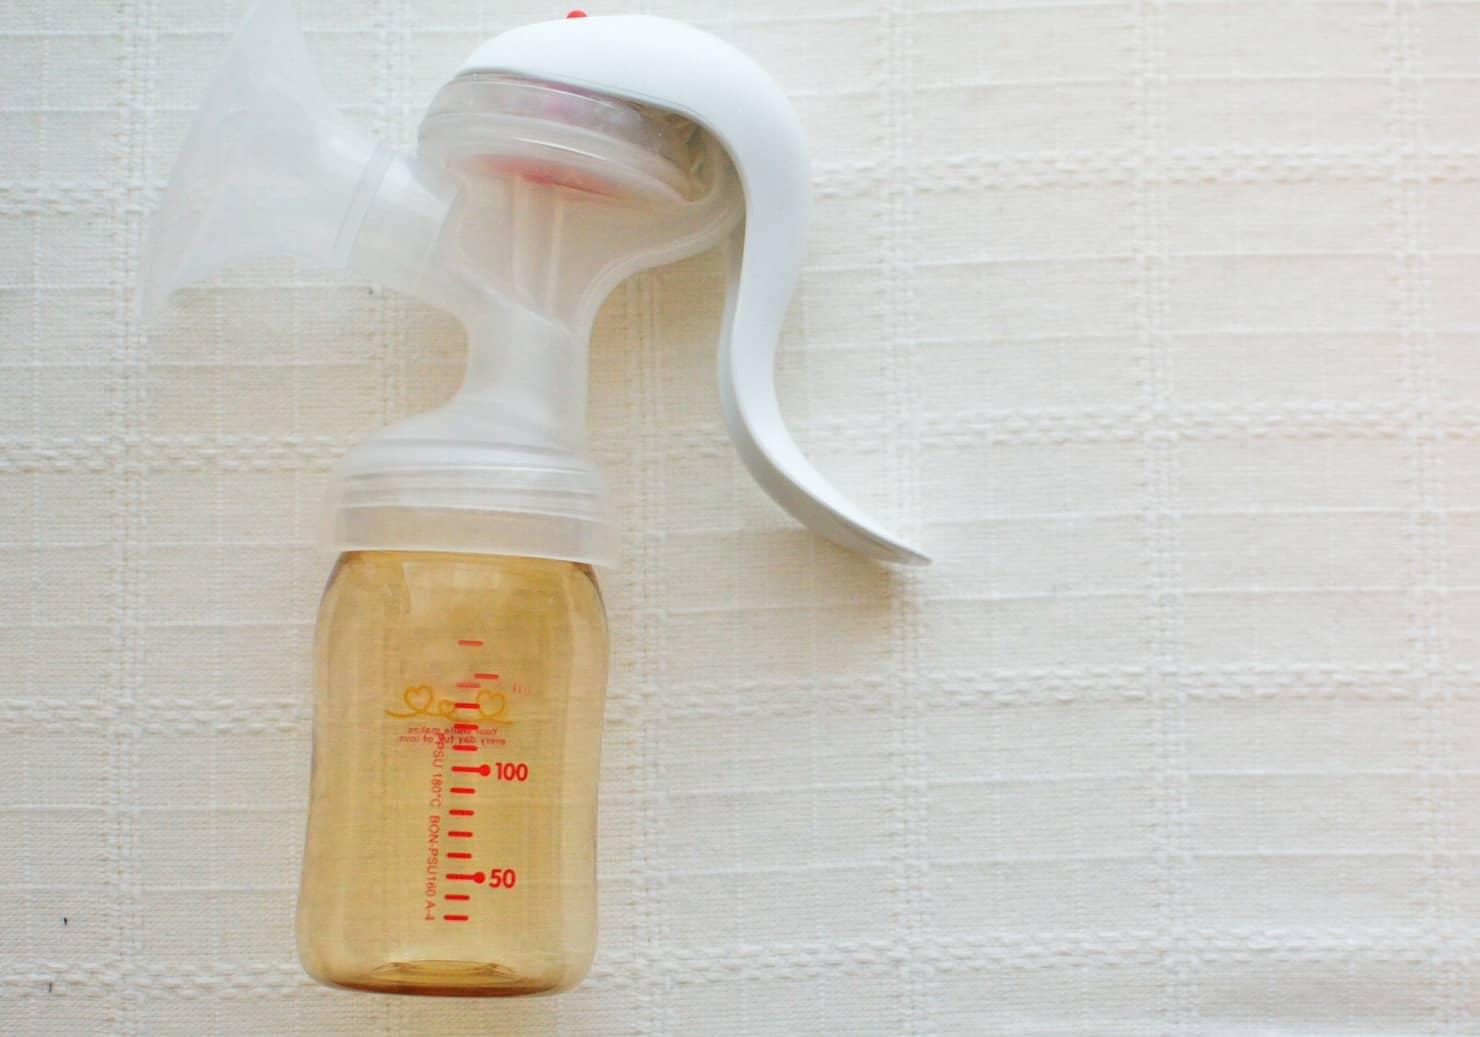 母乳の搾乳方法は? 保存期間は? おすすめ商品も手動・電動別に解説!